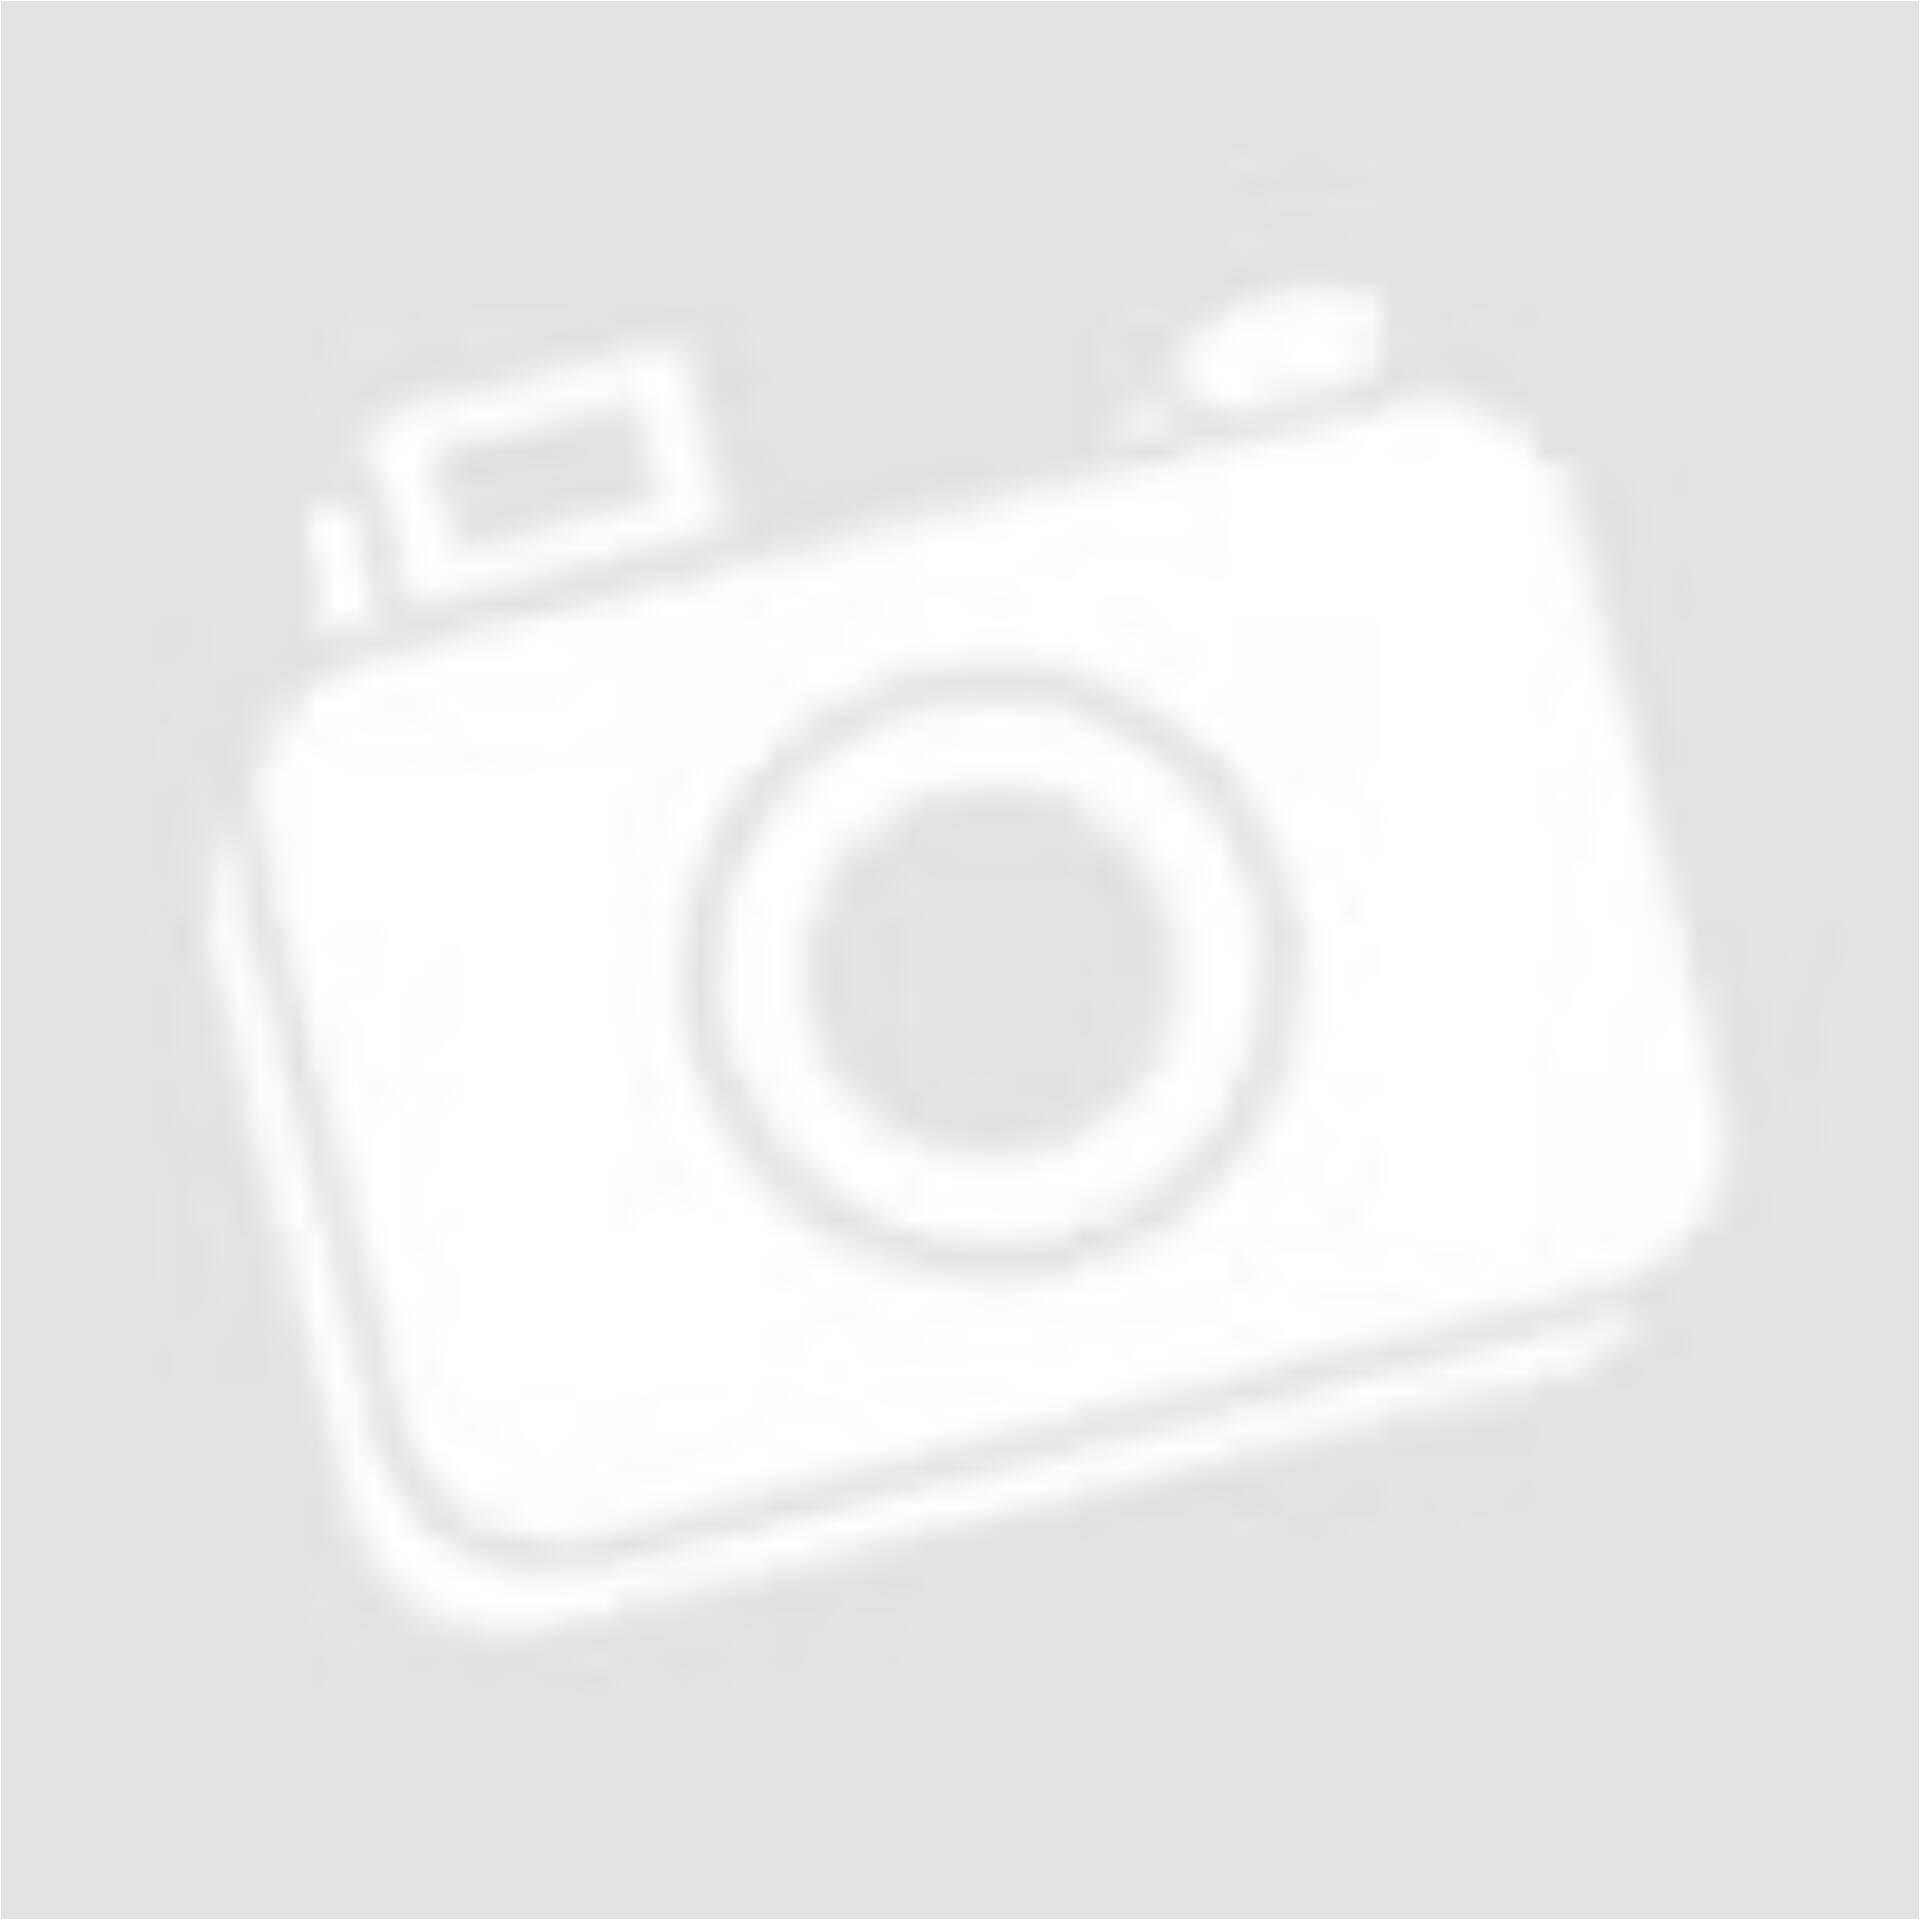 HUGO BOSS kék-fehér kockás férfi ing (Méret  XL) - Ing - Öltözz ki ... 0626cc8580